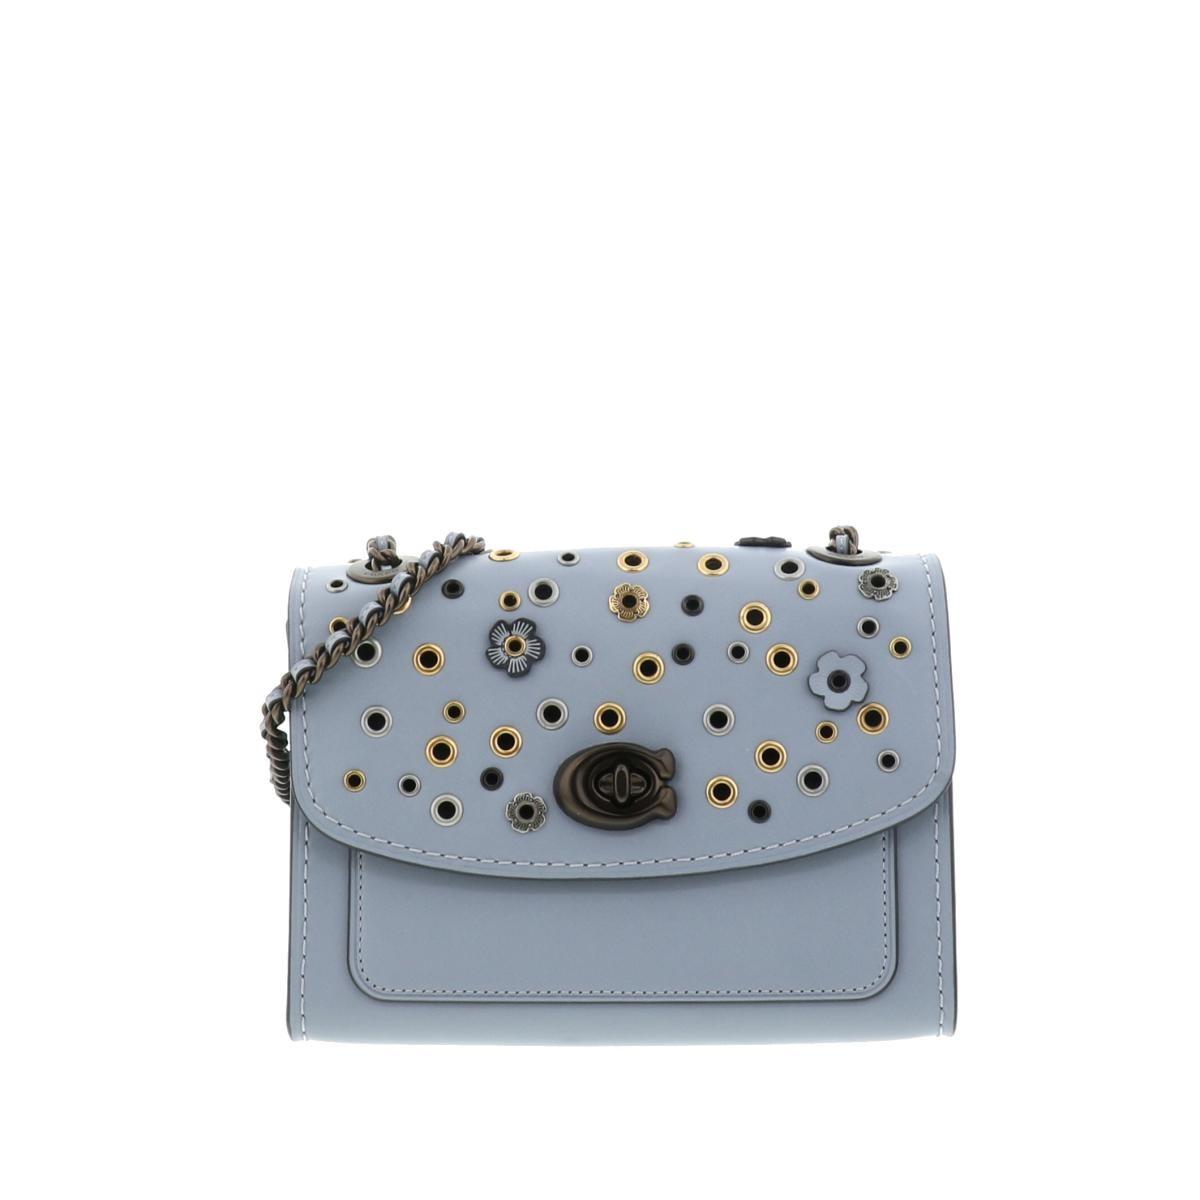 【最終値下げ】【美品】コーチ パーカー 18 ウィズ スキャッタード リベット ショルダーバッグ COACH Parker 18 with Scattered Rivets Shoulder Bag 69508 used:A